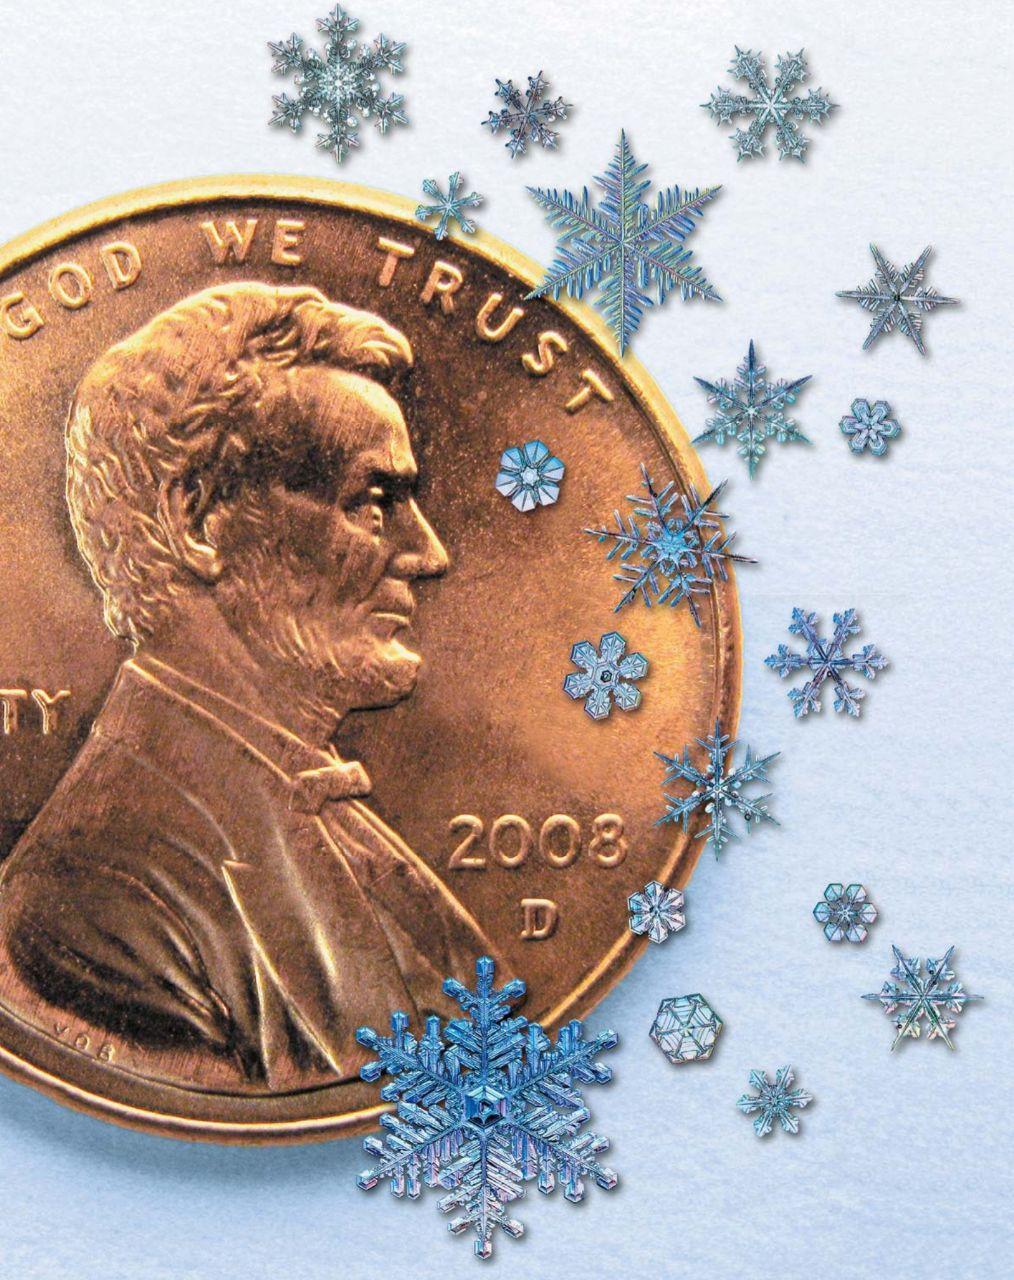 Сравнительные размеры разных видов снежинок. диаметр монеты ок. 2 см